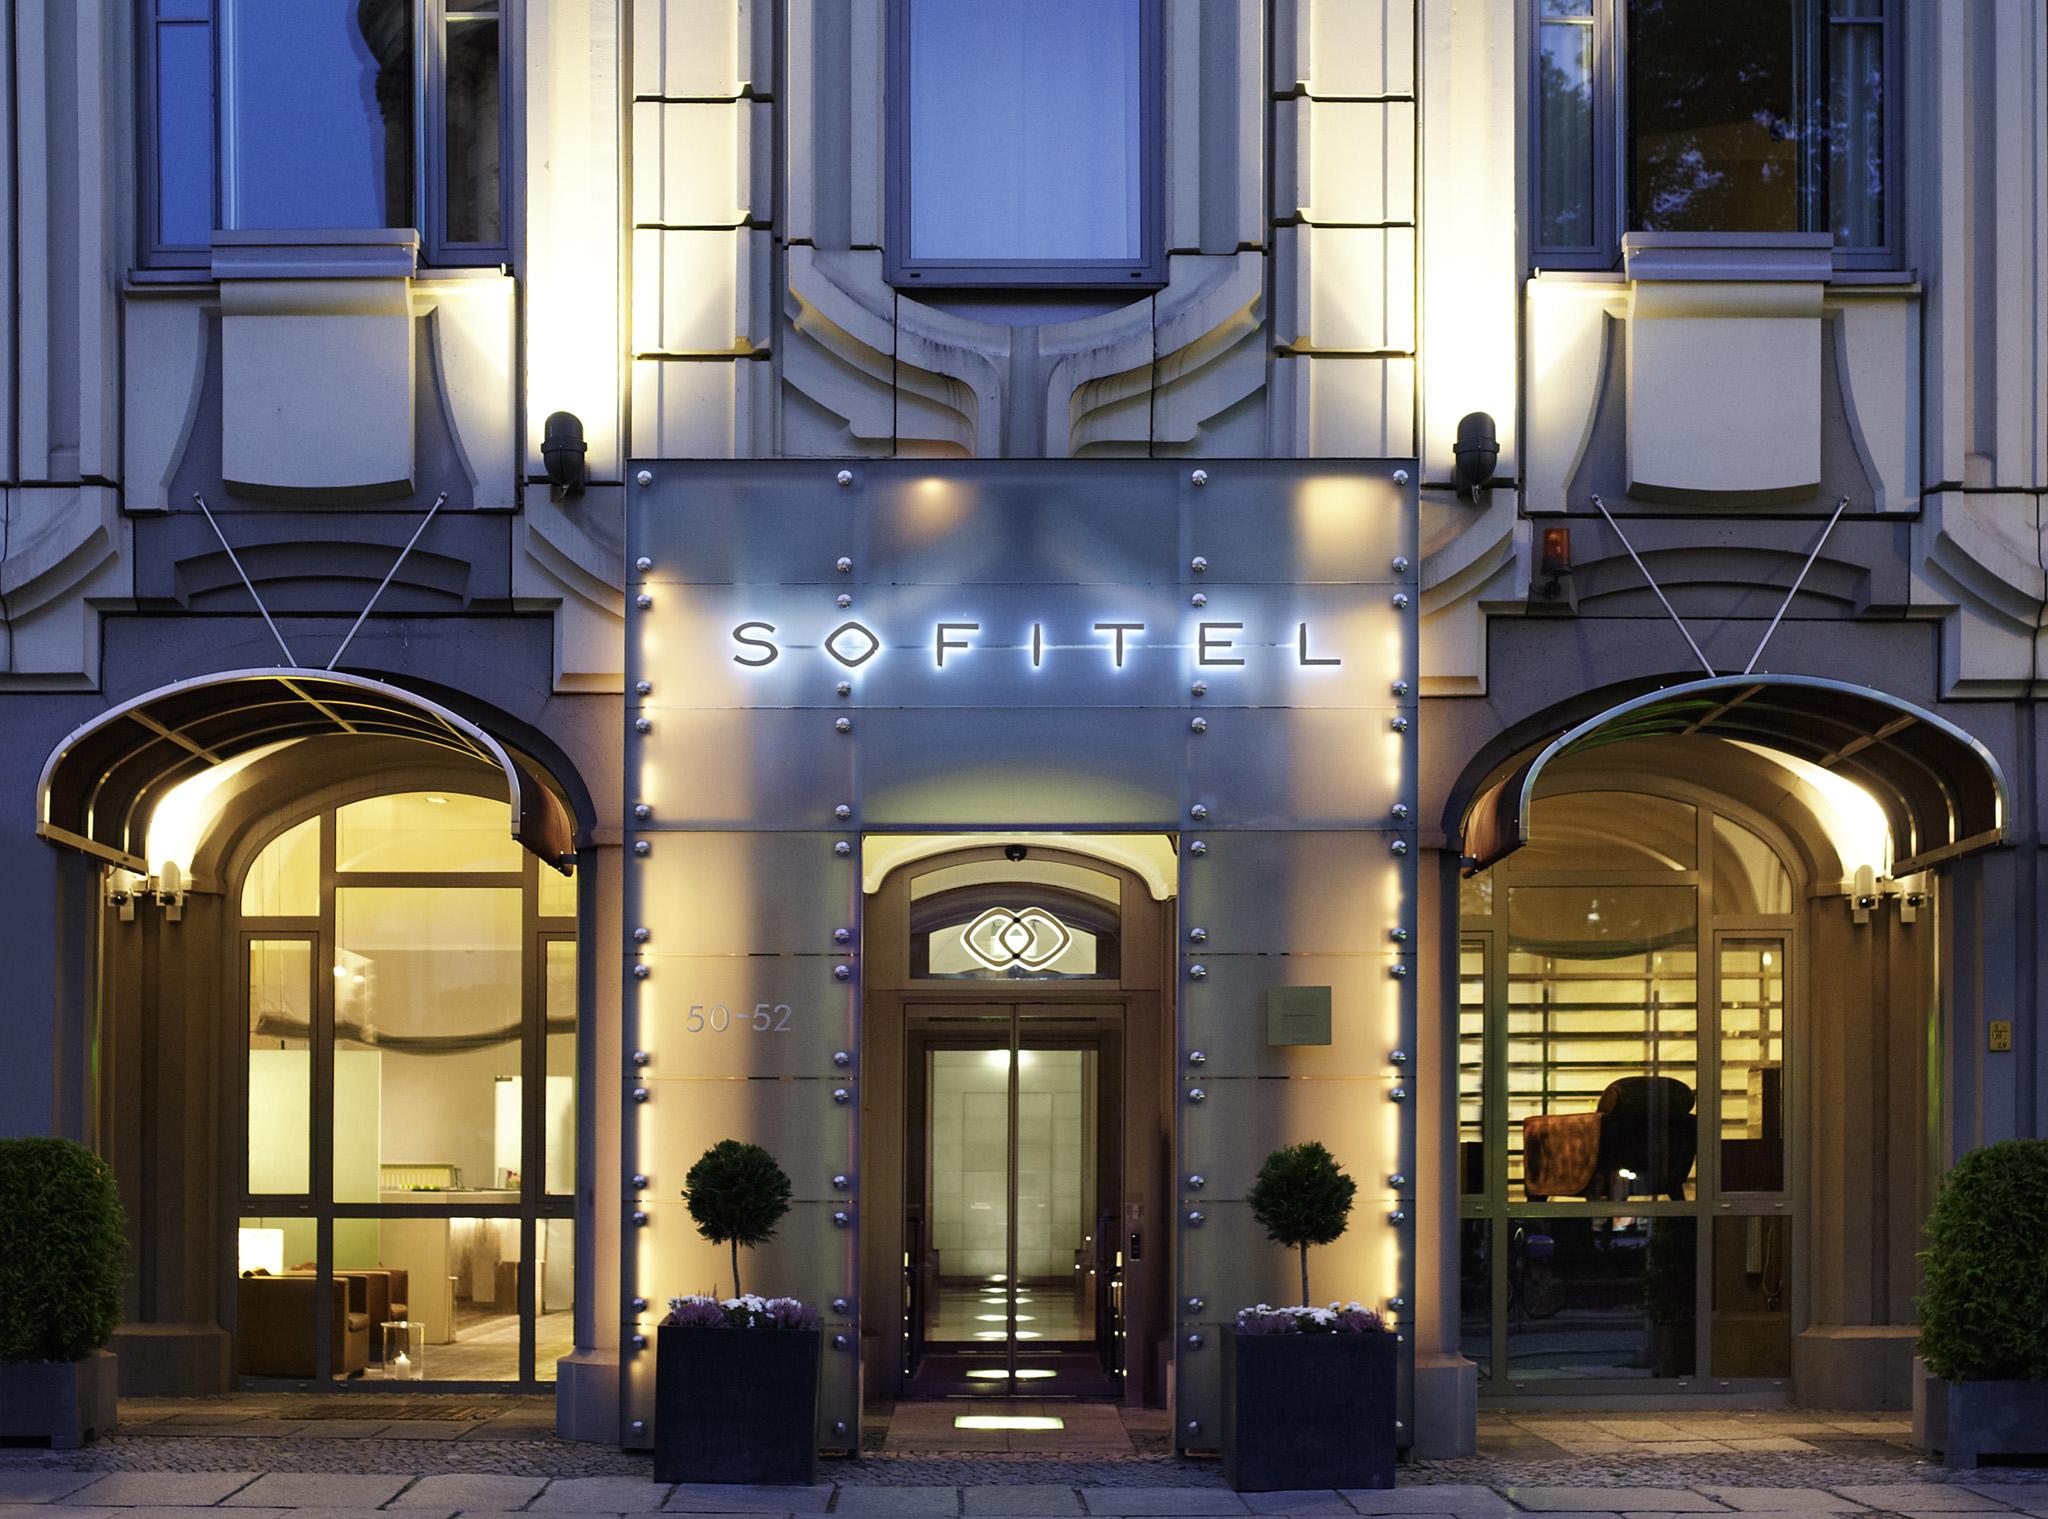 فندق - سوفيتل Sofitel برلين جندرمنماركت